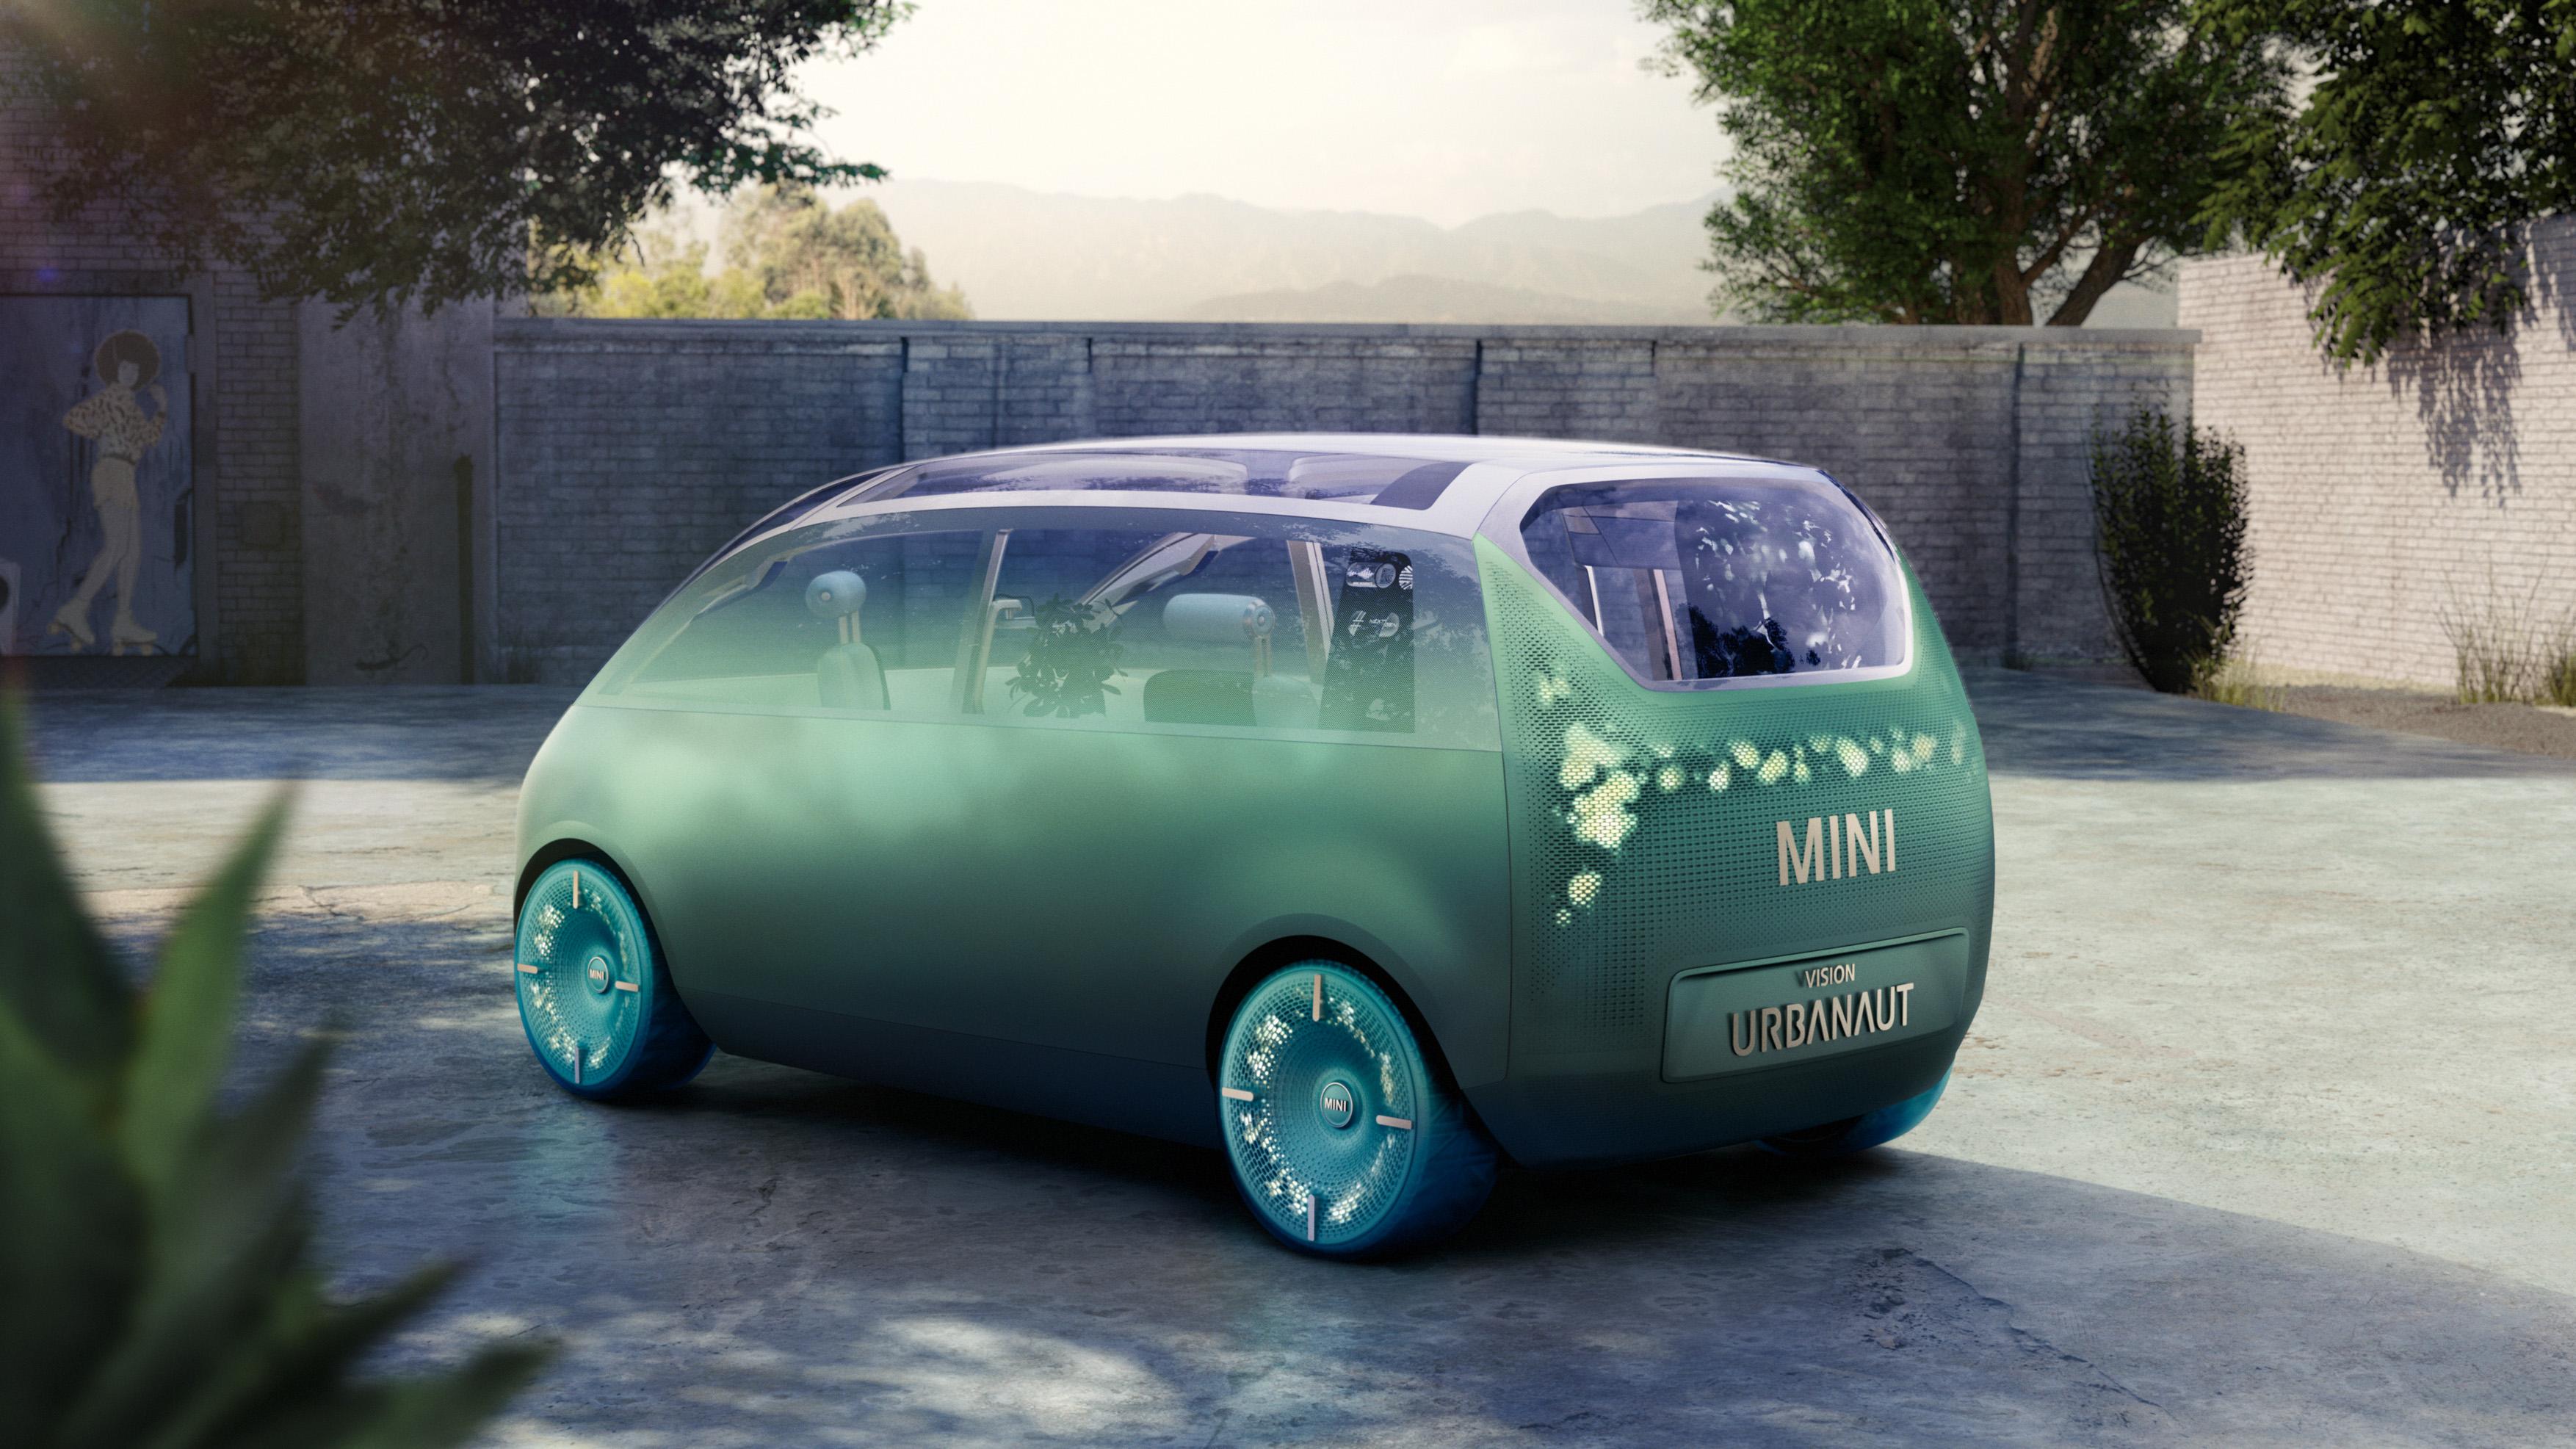 Mini Urbanaut Concept